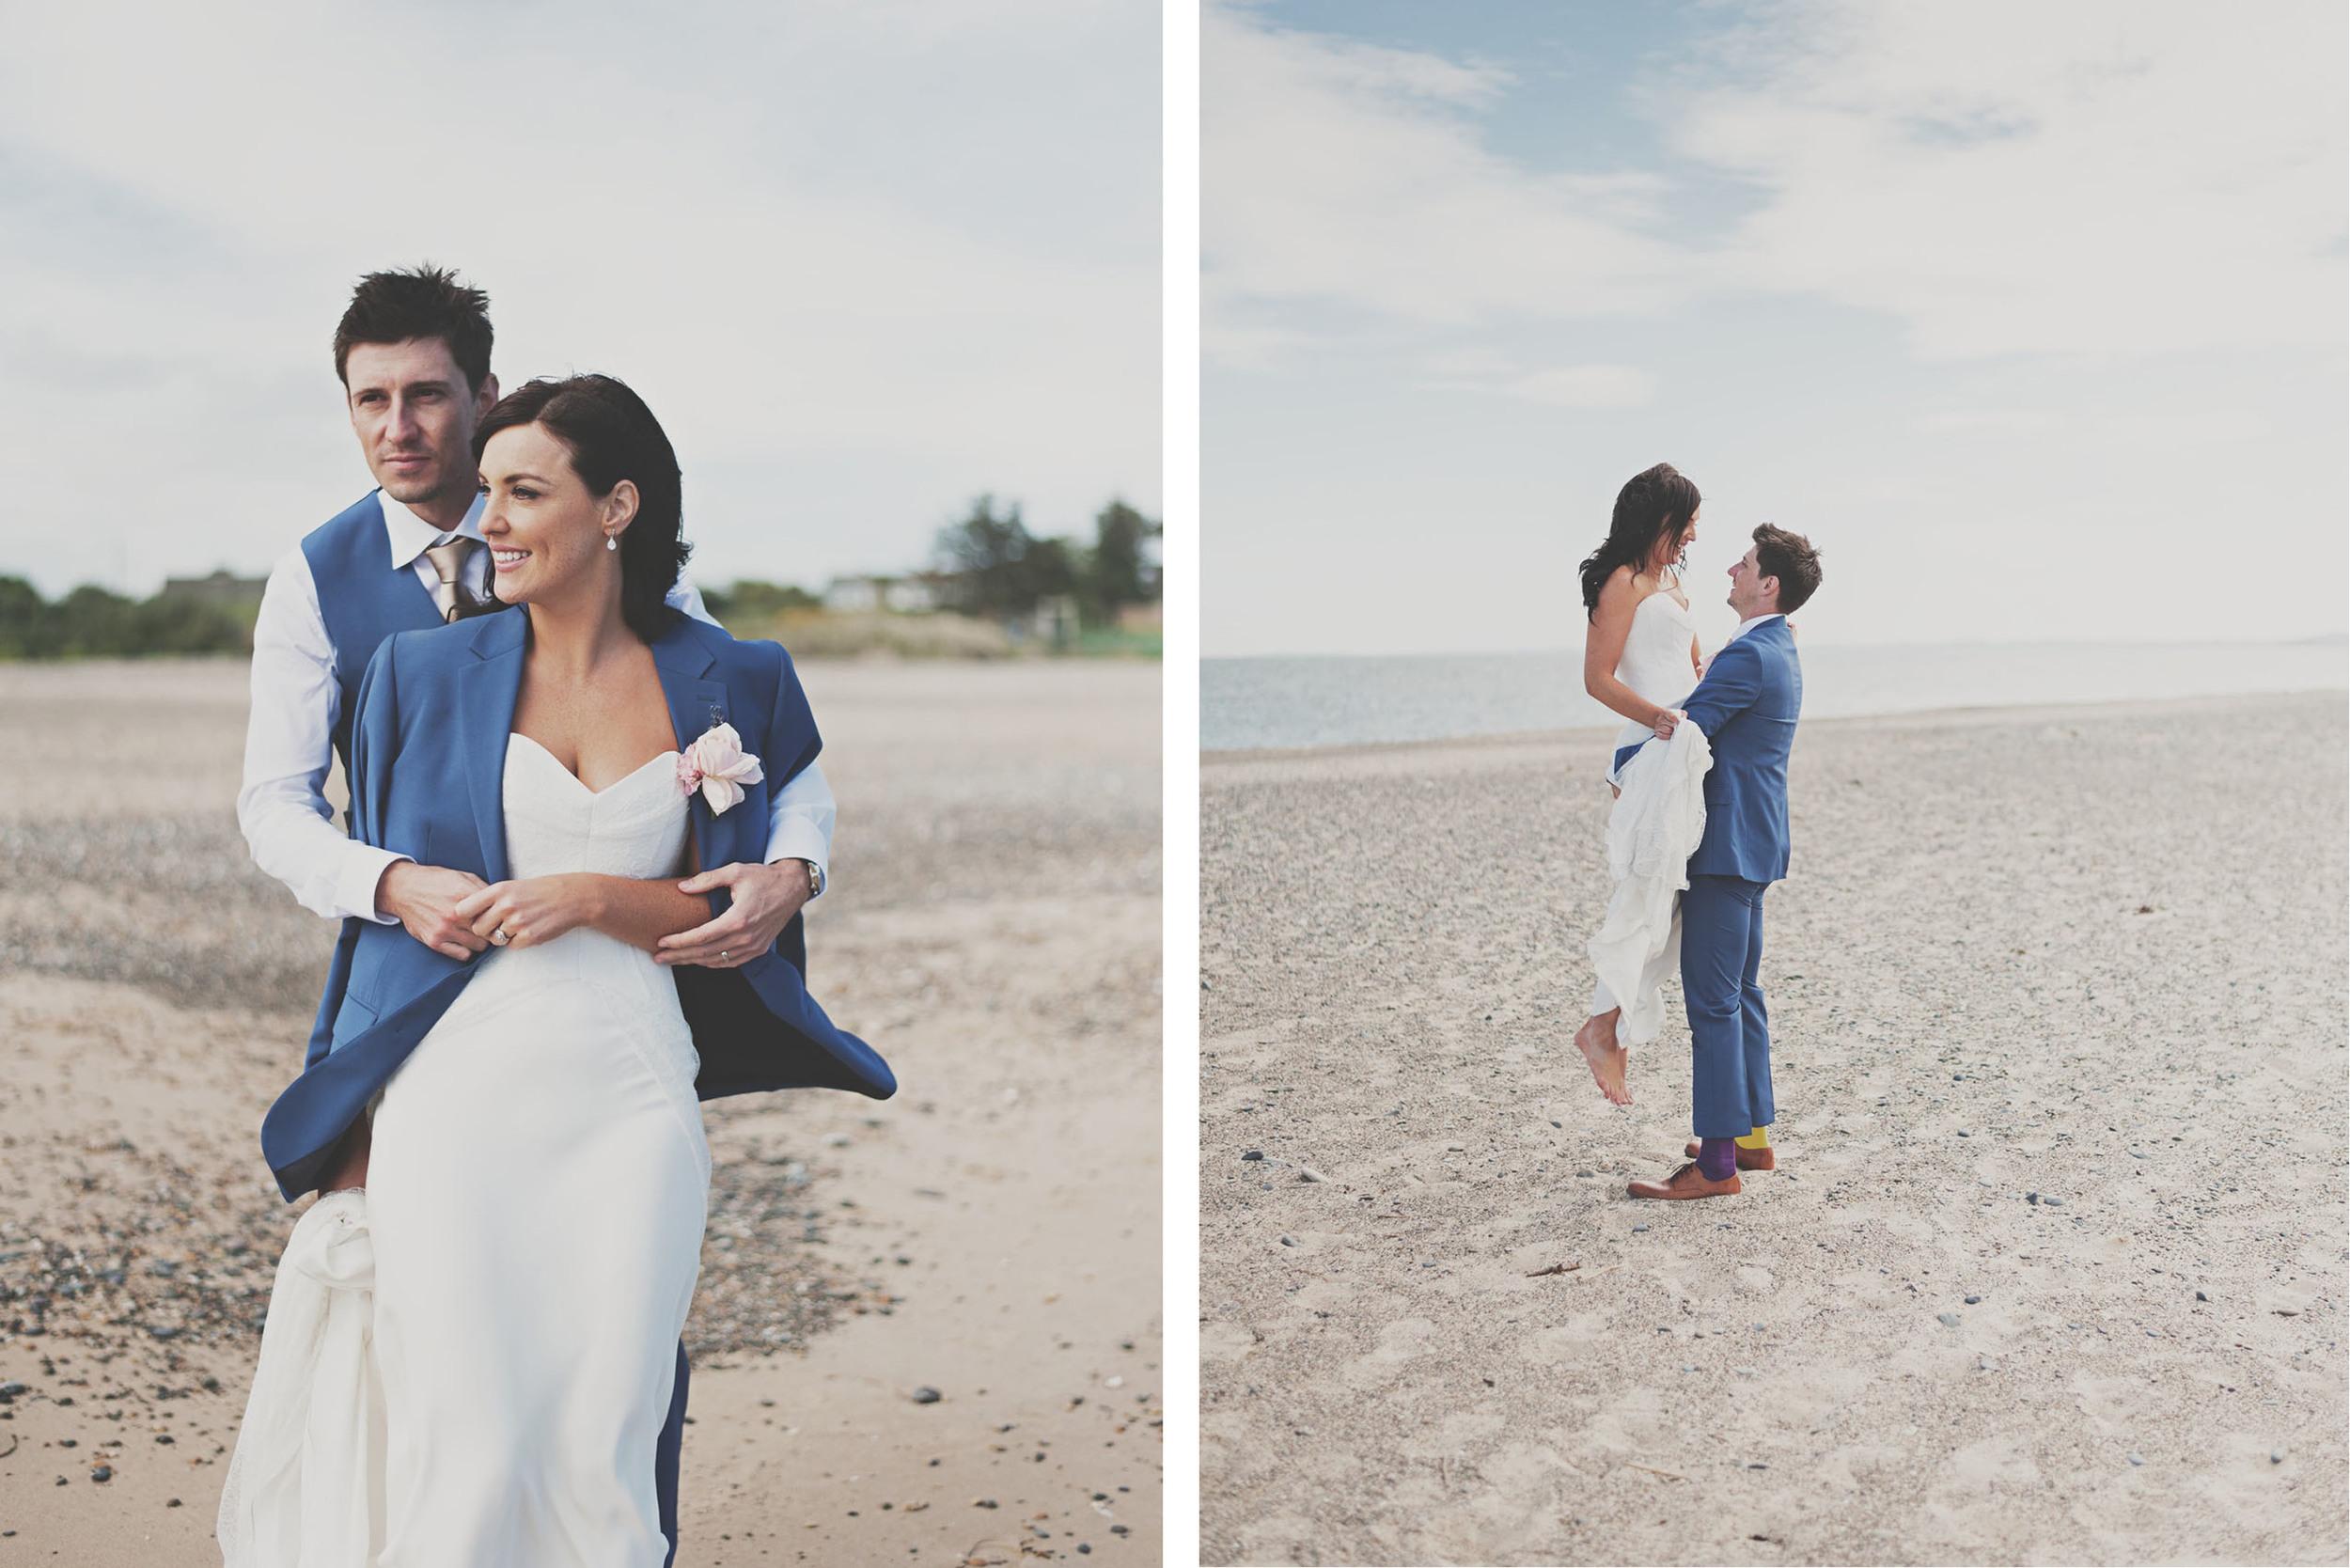 Julie & Matt's Seafield Wedding by Studio33weddings 083.jpg